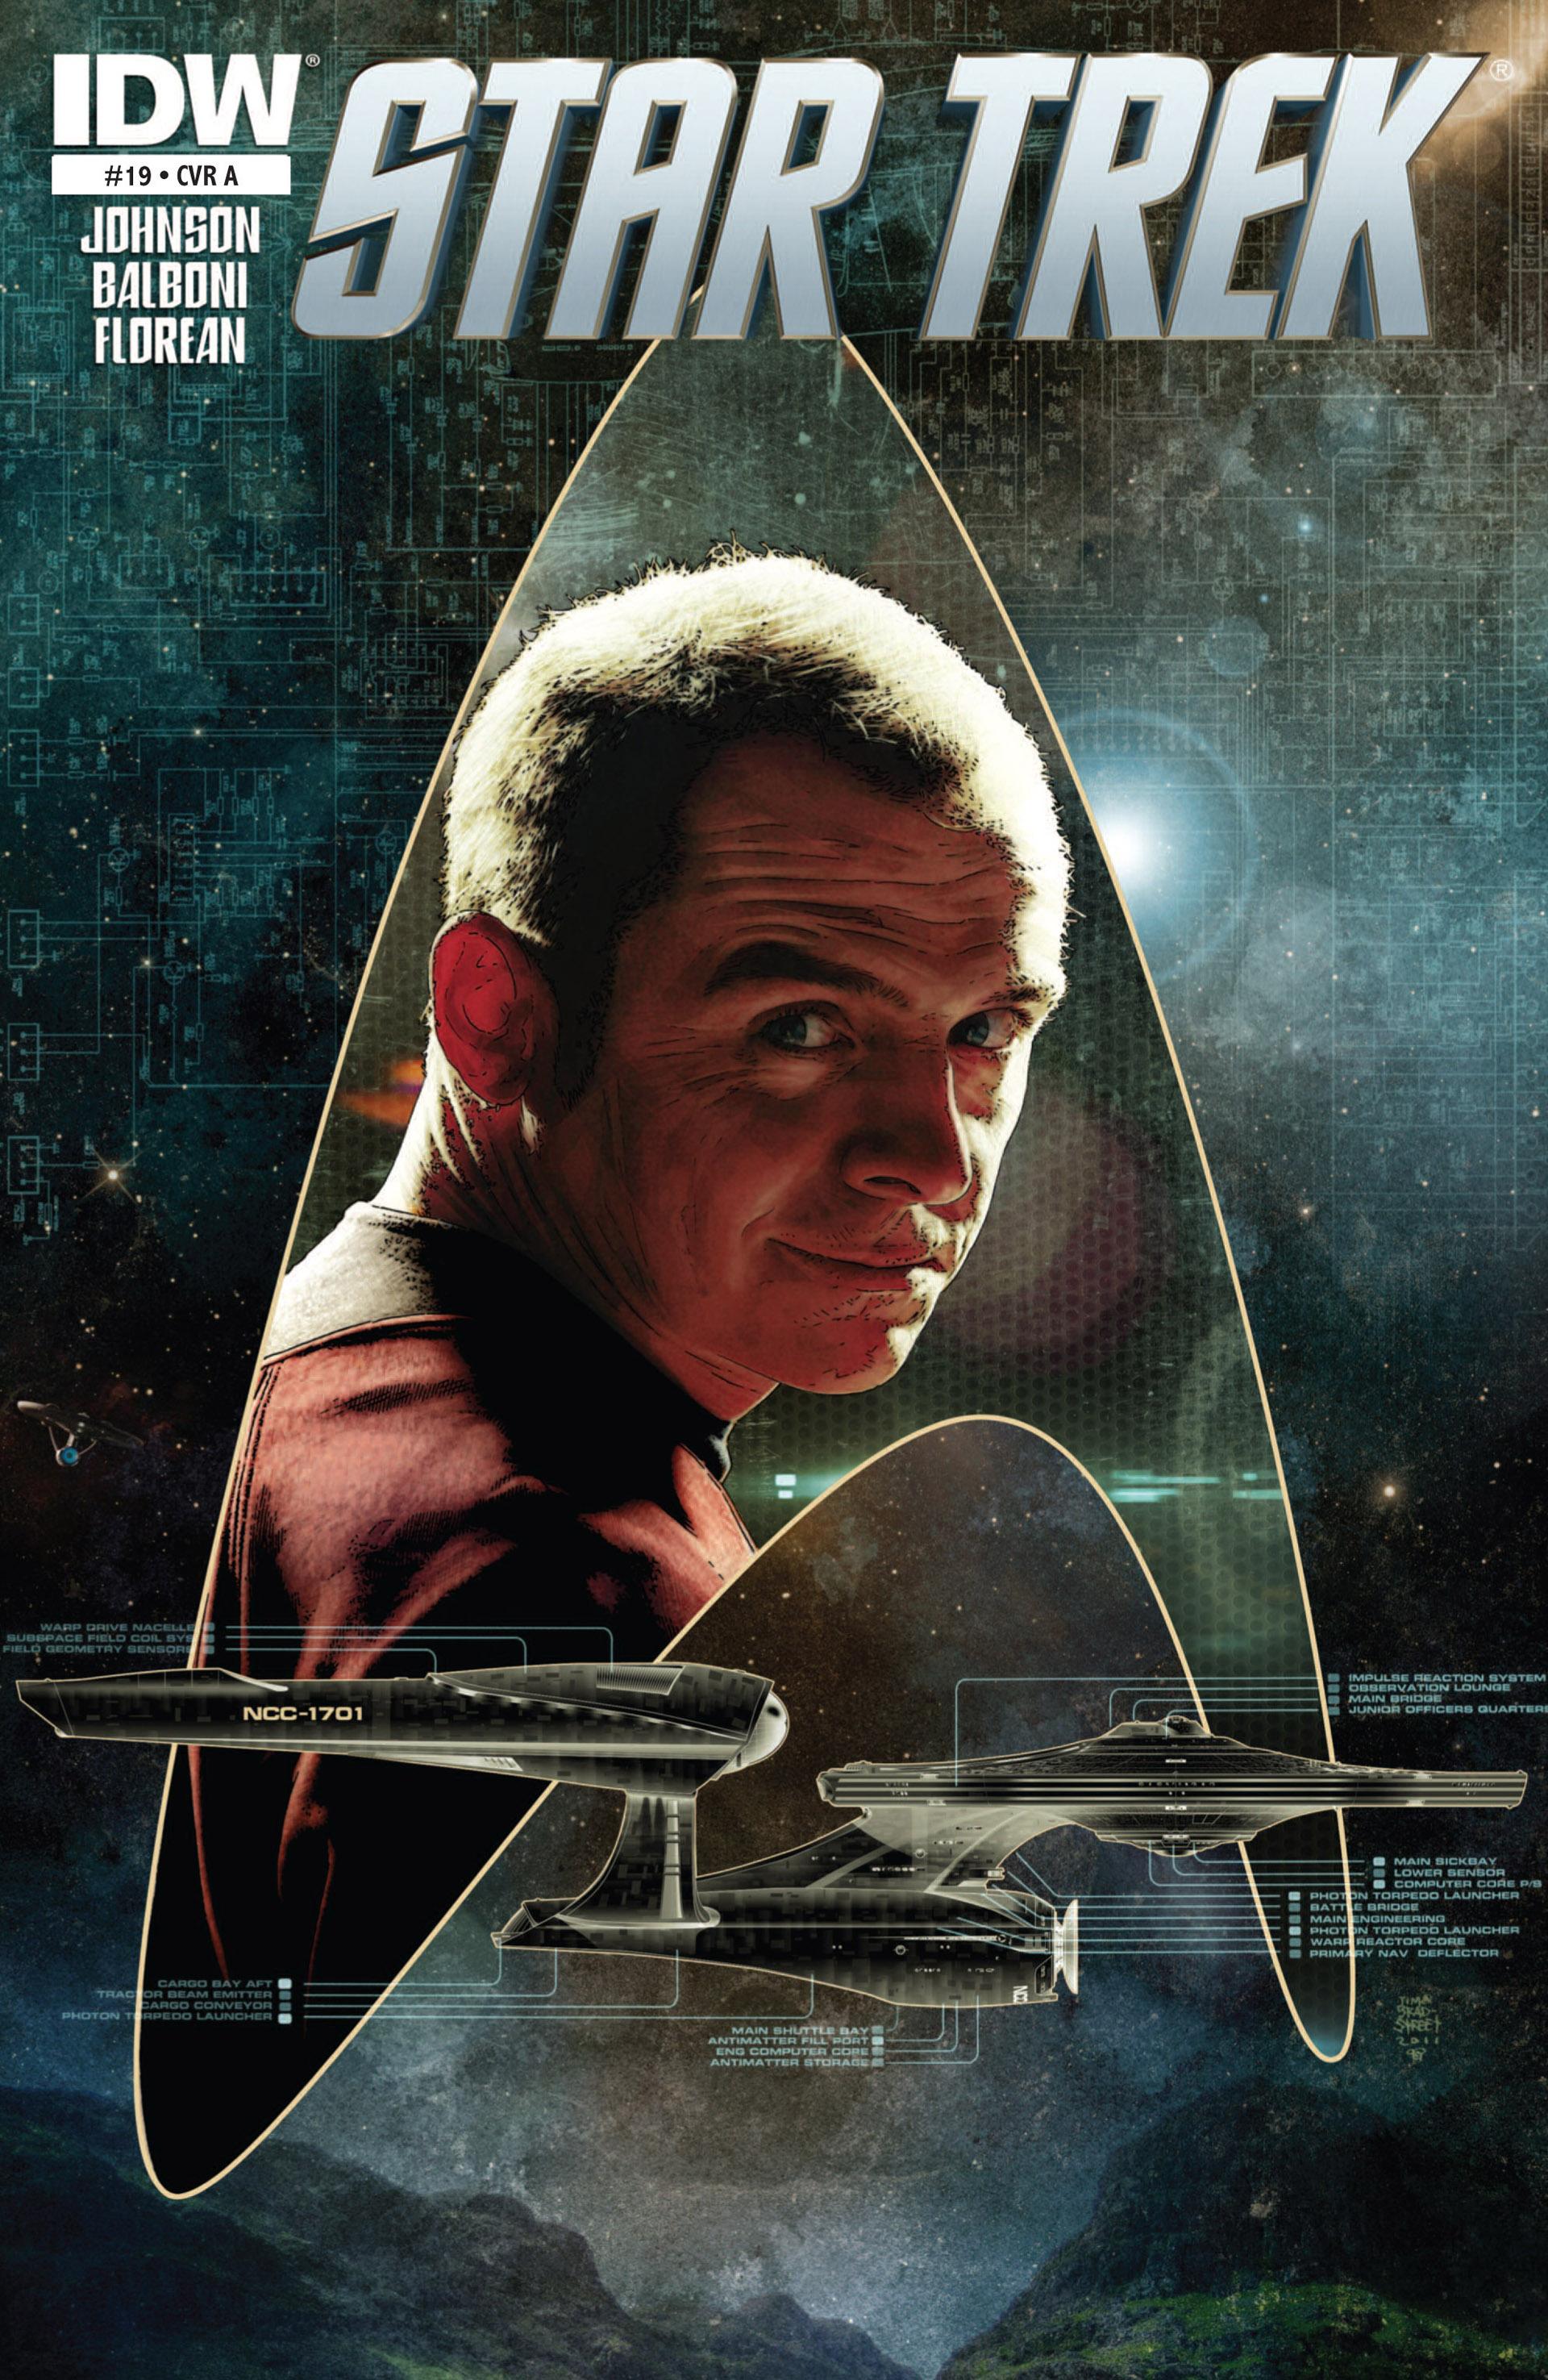 IDW Star Trek, Issue 19